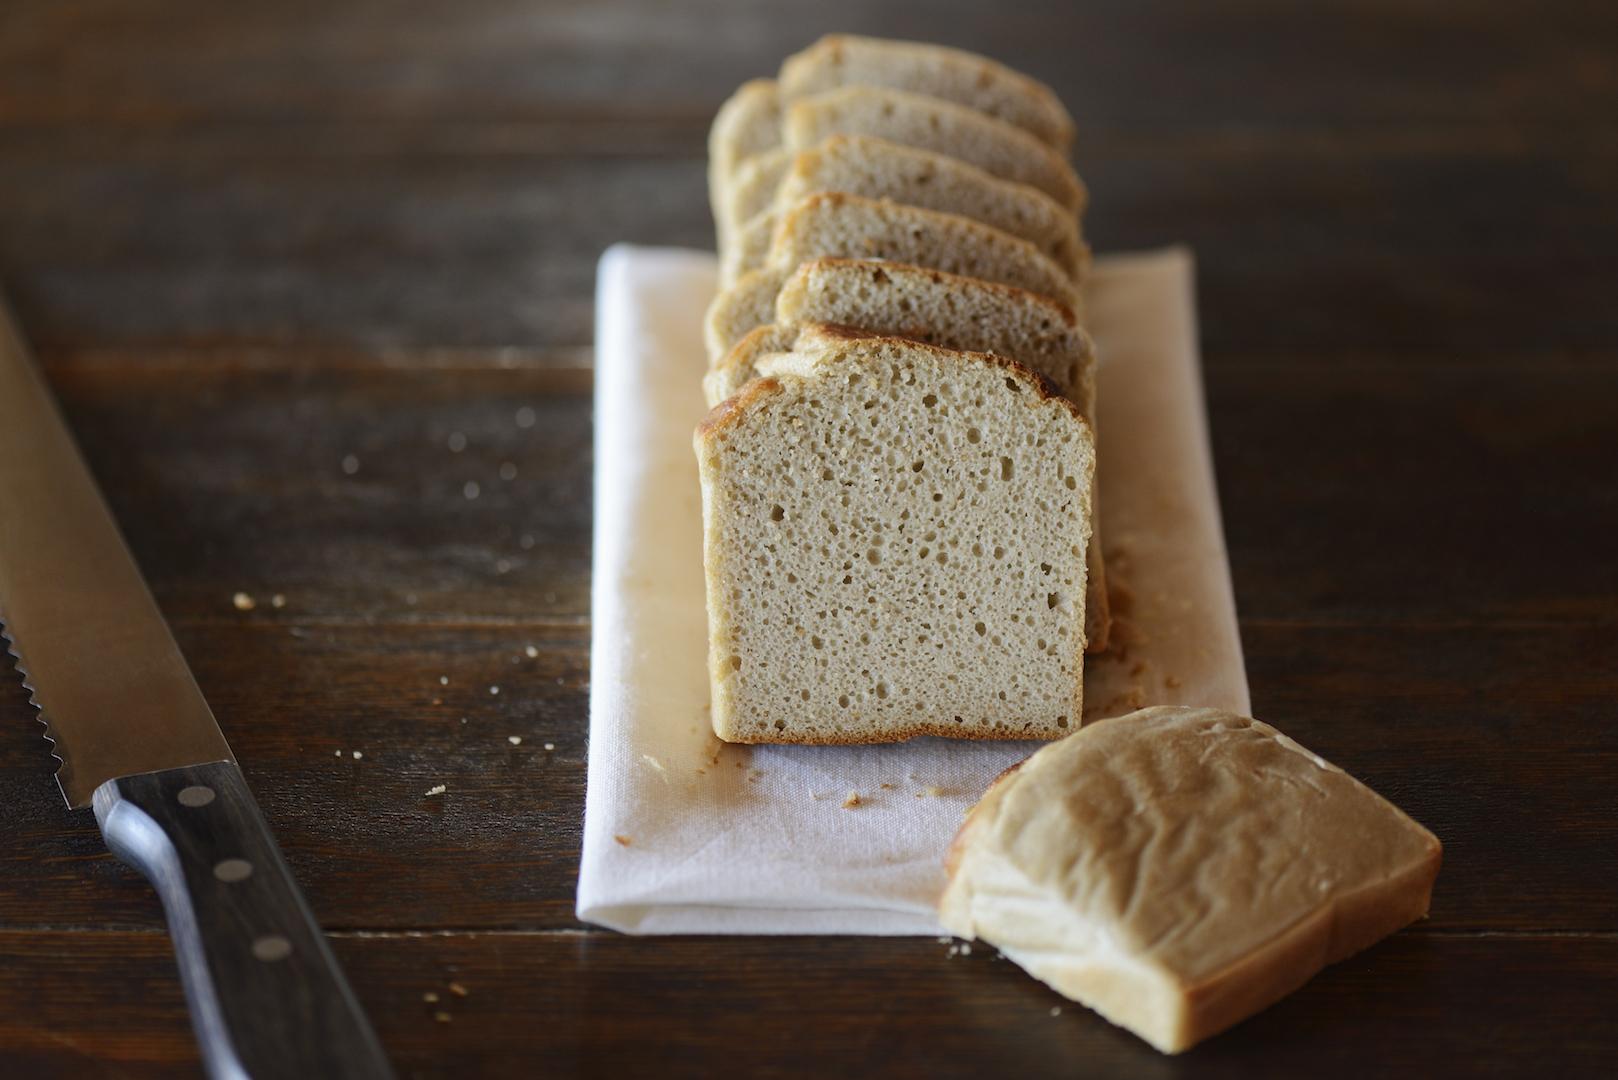 そば粉と地粉のパン 望月